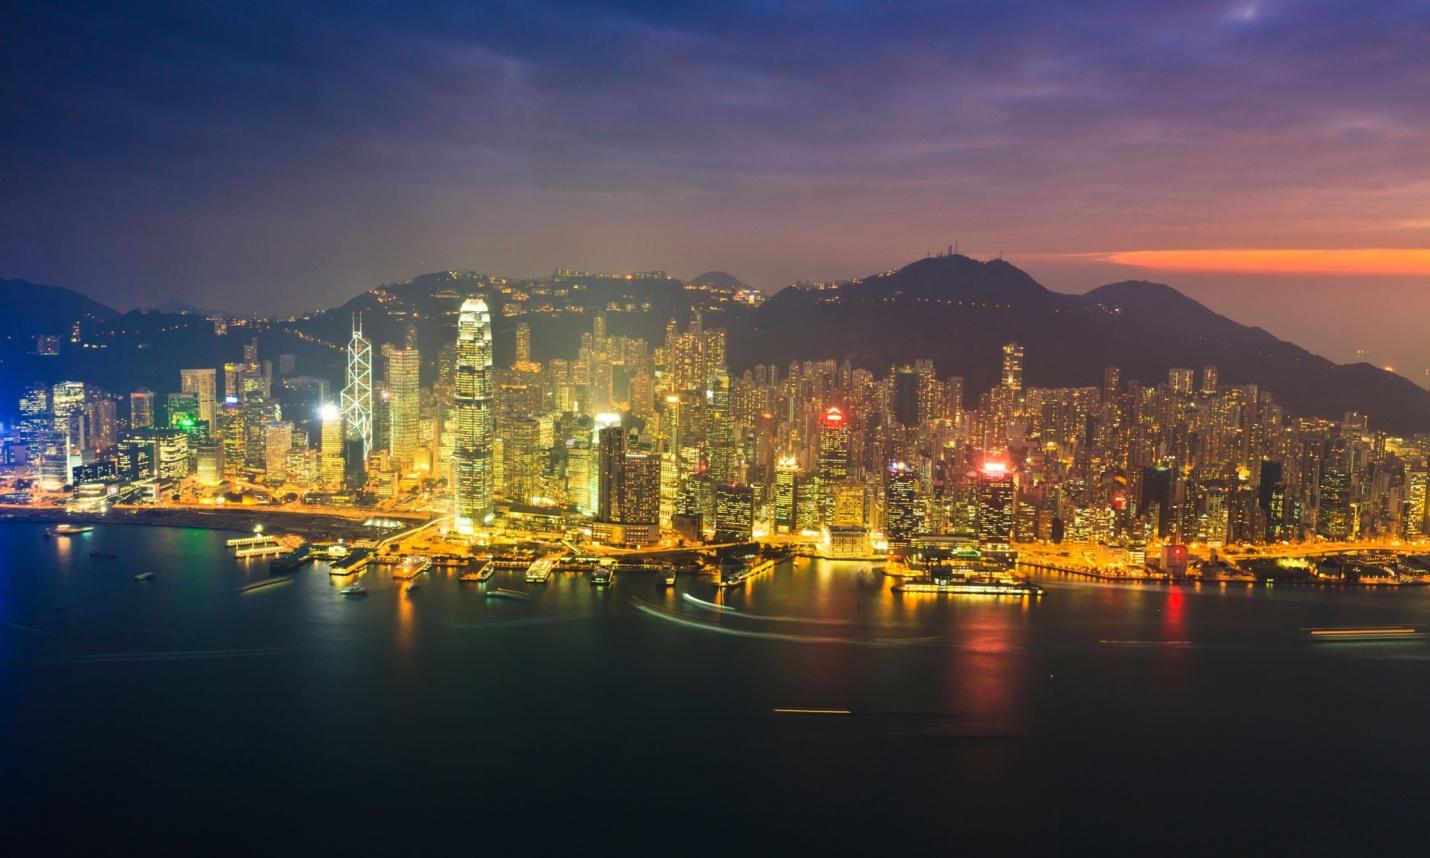 چراغهای روشن  هنگ کنگ و ایجاد آلودگی های نوری